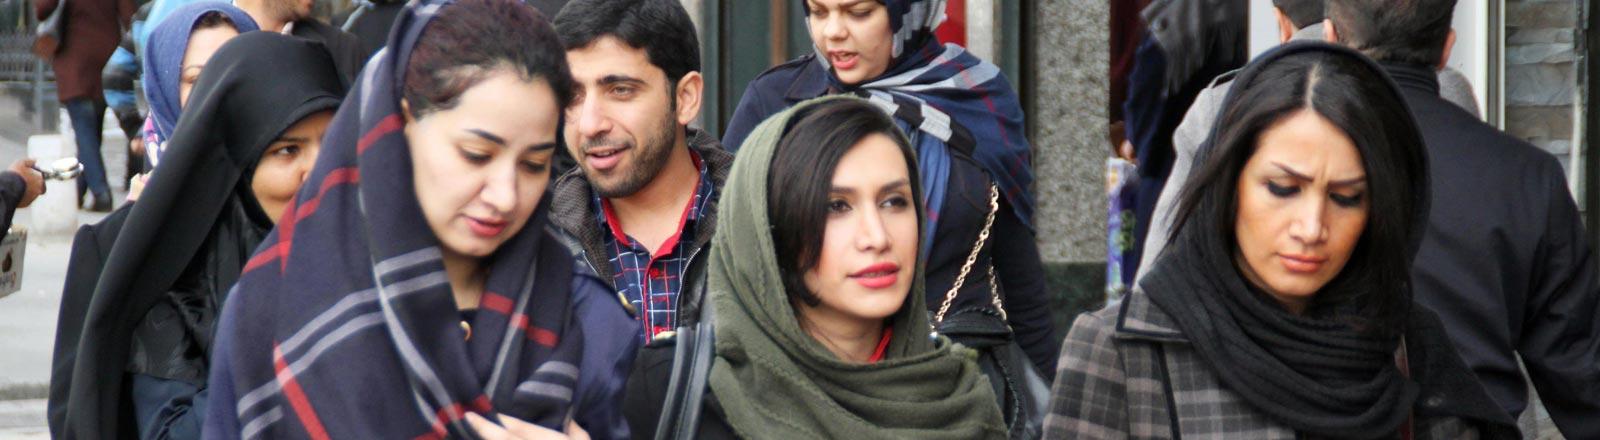 Frauen mit Hijab im Iran.